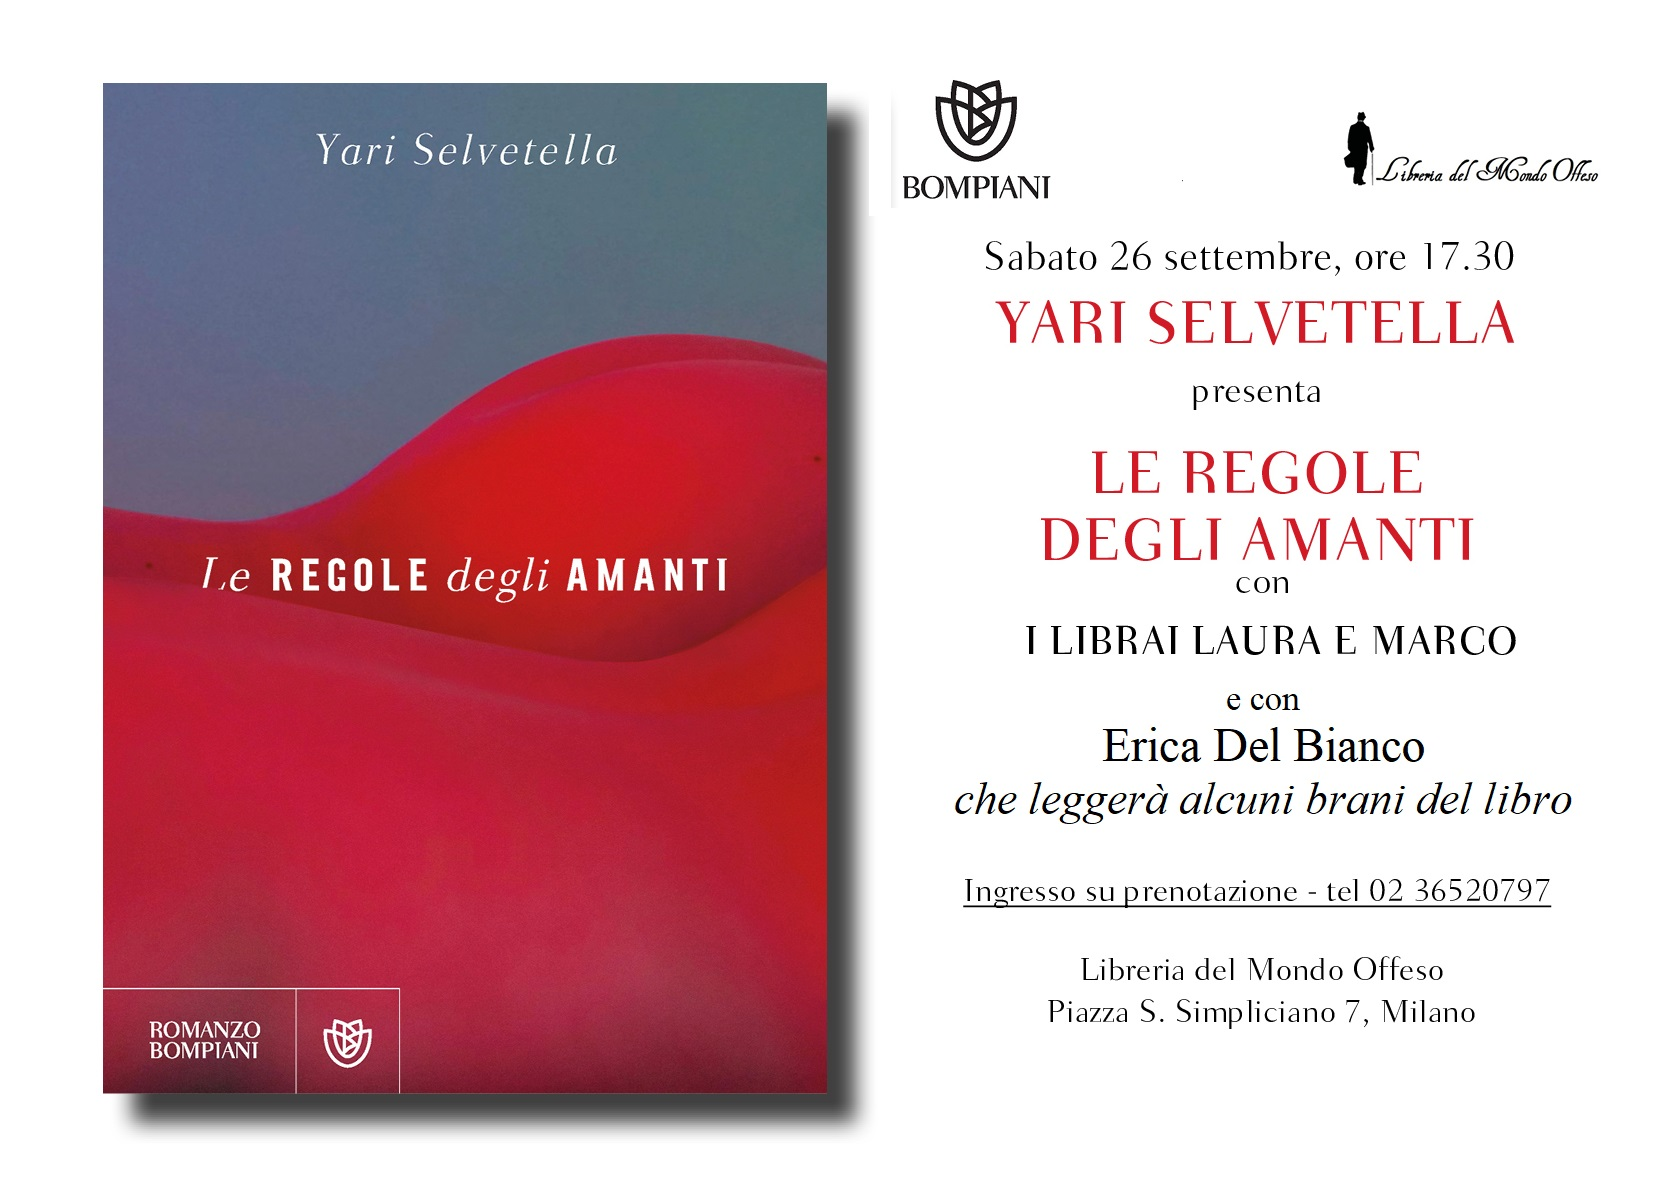 YARI Selvetella Libreria Mondo Offeso 26 SETTEMBRE 2020